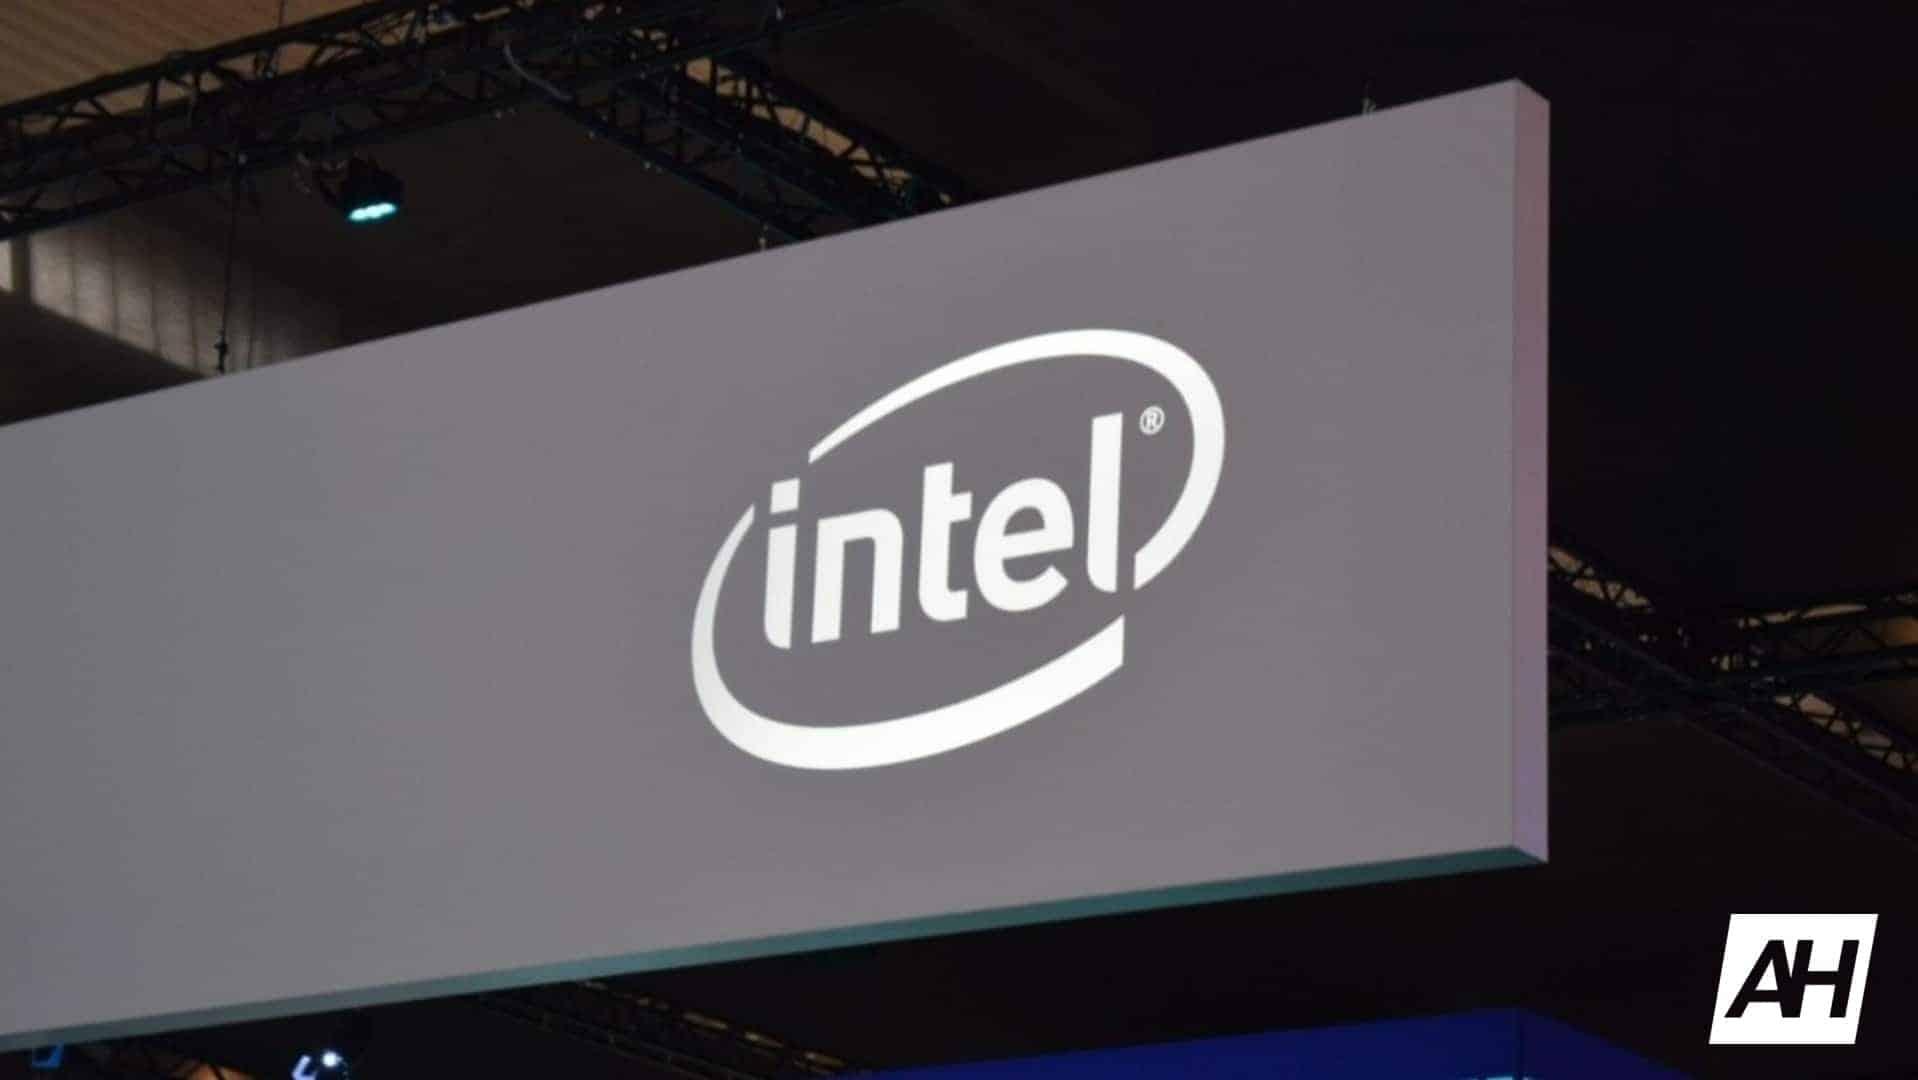 AH Intel logo MWC 2018 2 New